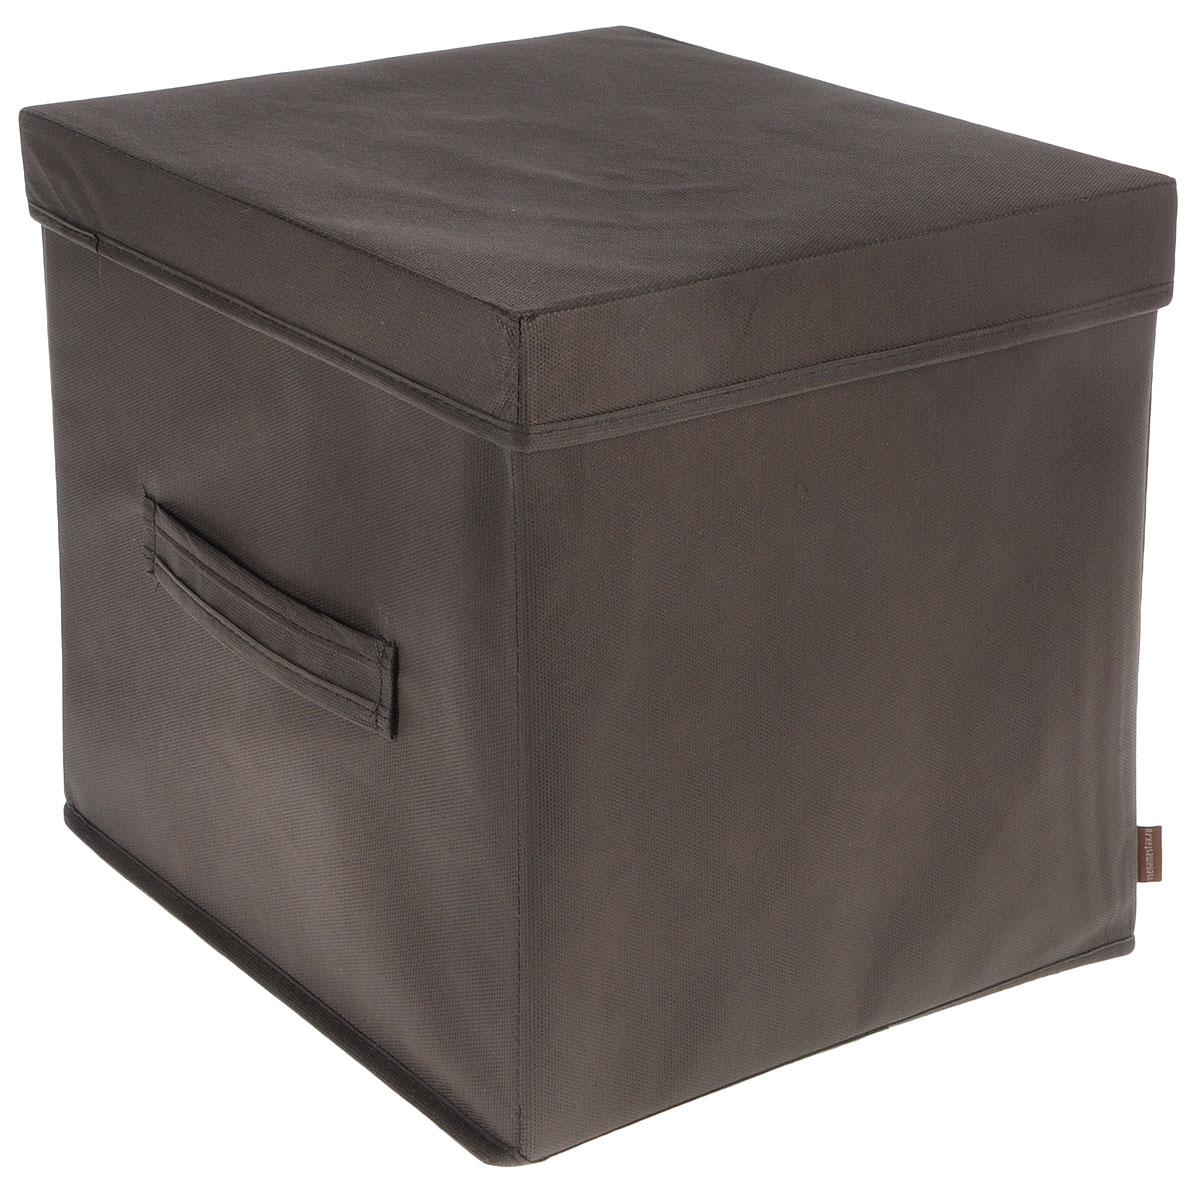 Коробка для вещей и игрушек Все на местах Minimalistic, с крышкой, цвет: коричневый, 30 x 30 x 30 см1015036Коробка с крышкой Minimalistic выполнена из высококачественного нетканого материала, который обеспечивает естественную вентиляцию и предназначен для хранения вещей или игрушек.Он защитит вещи от повреждений, пыли, влаги и загрязнений во время хранения и транспортировки. Размер коробки: 30 х 30 х 30 см.